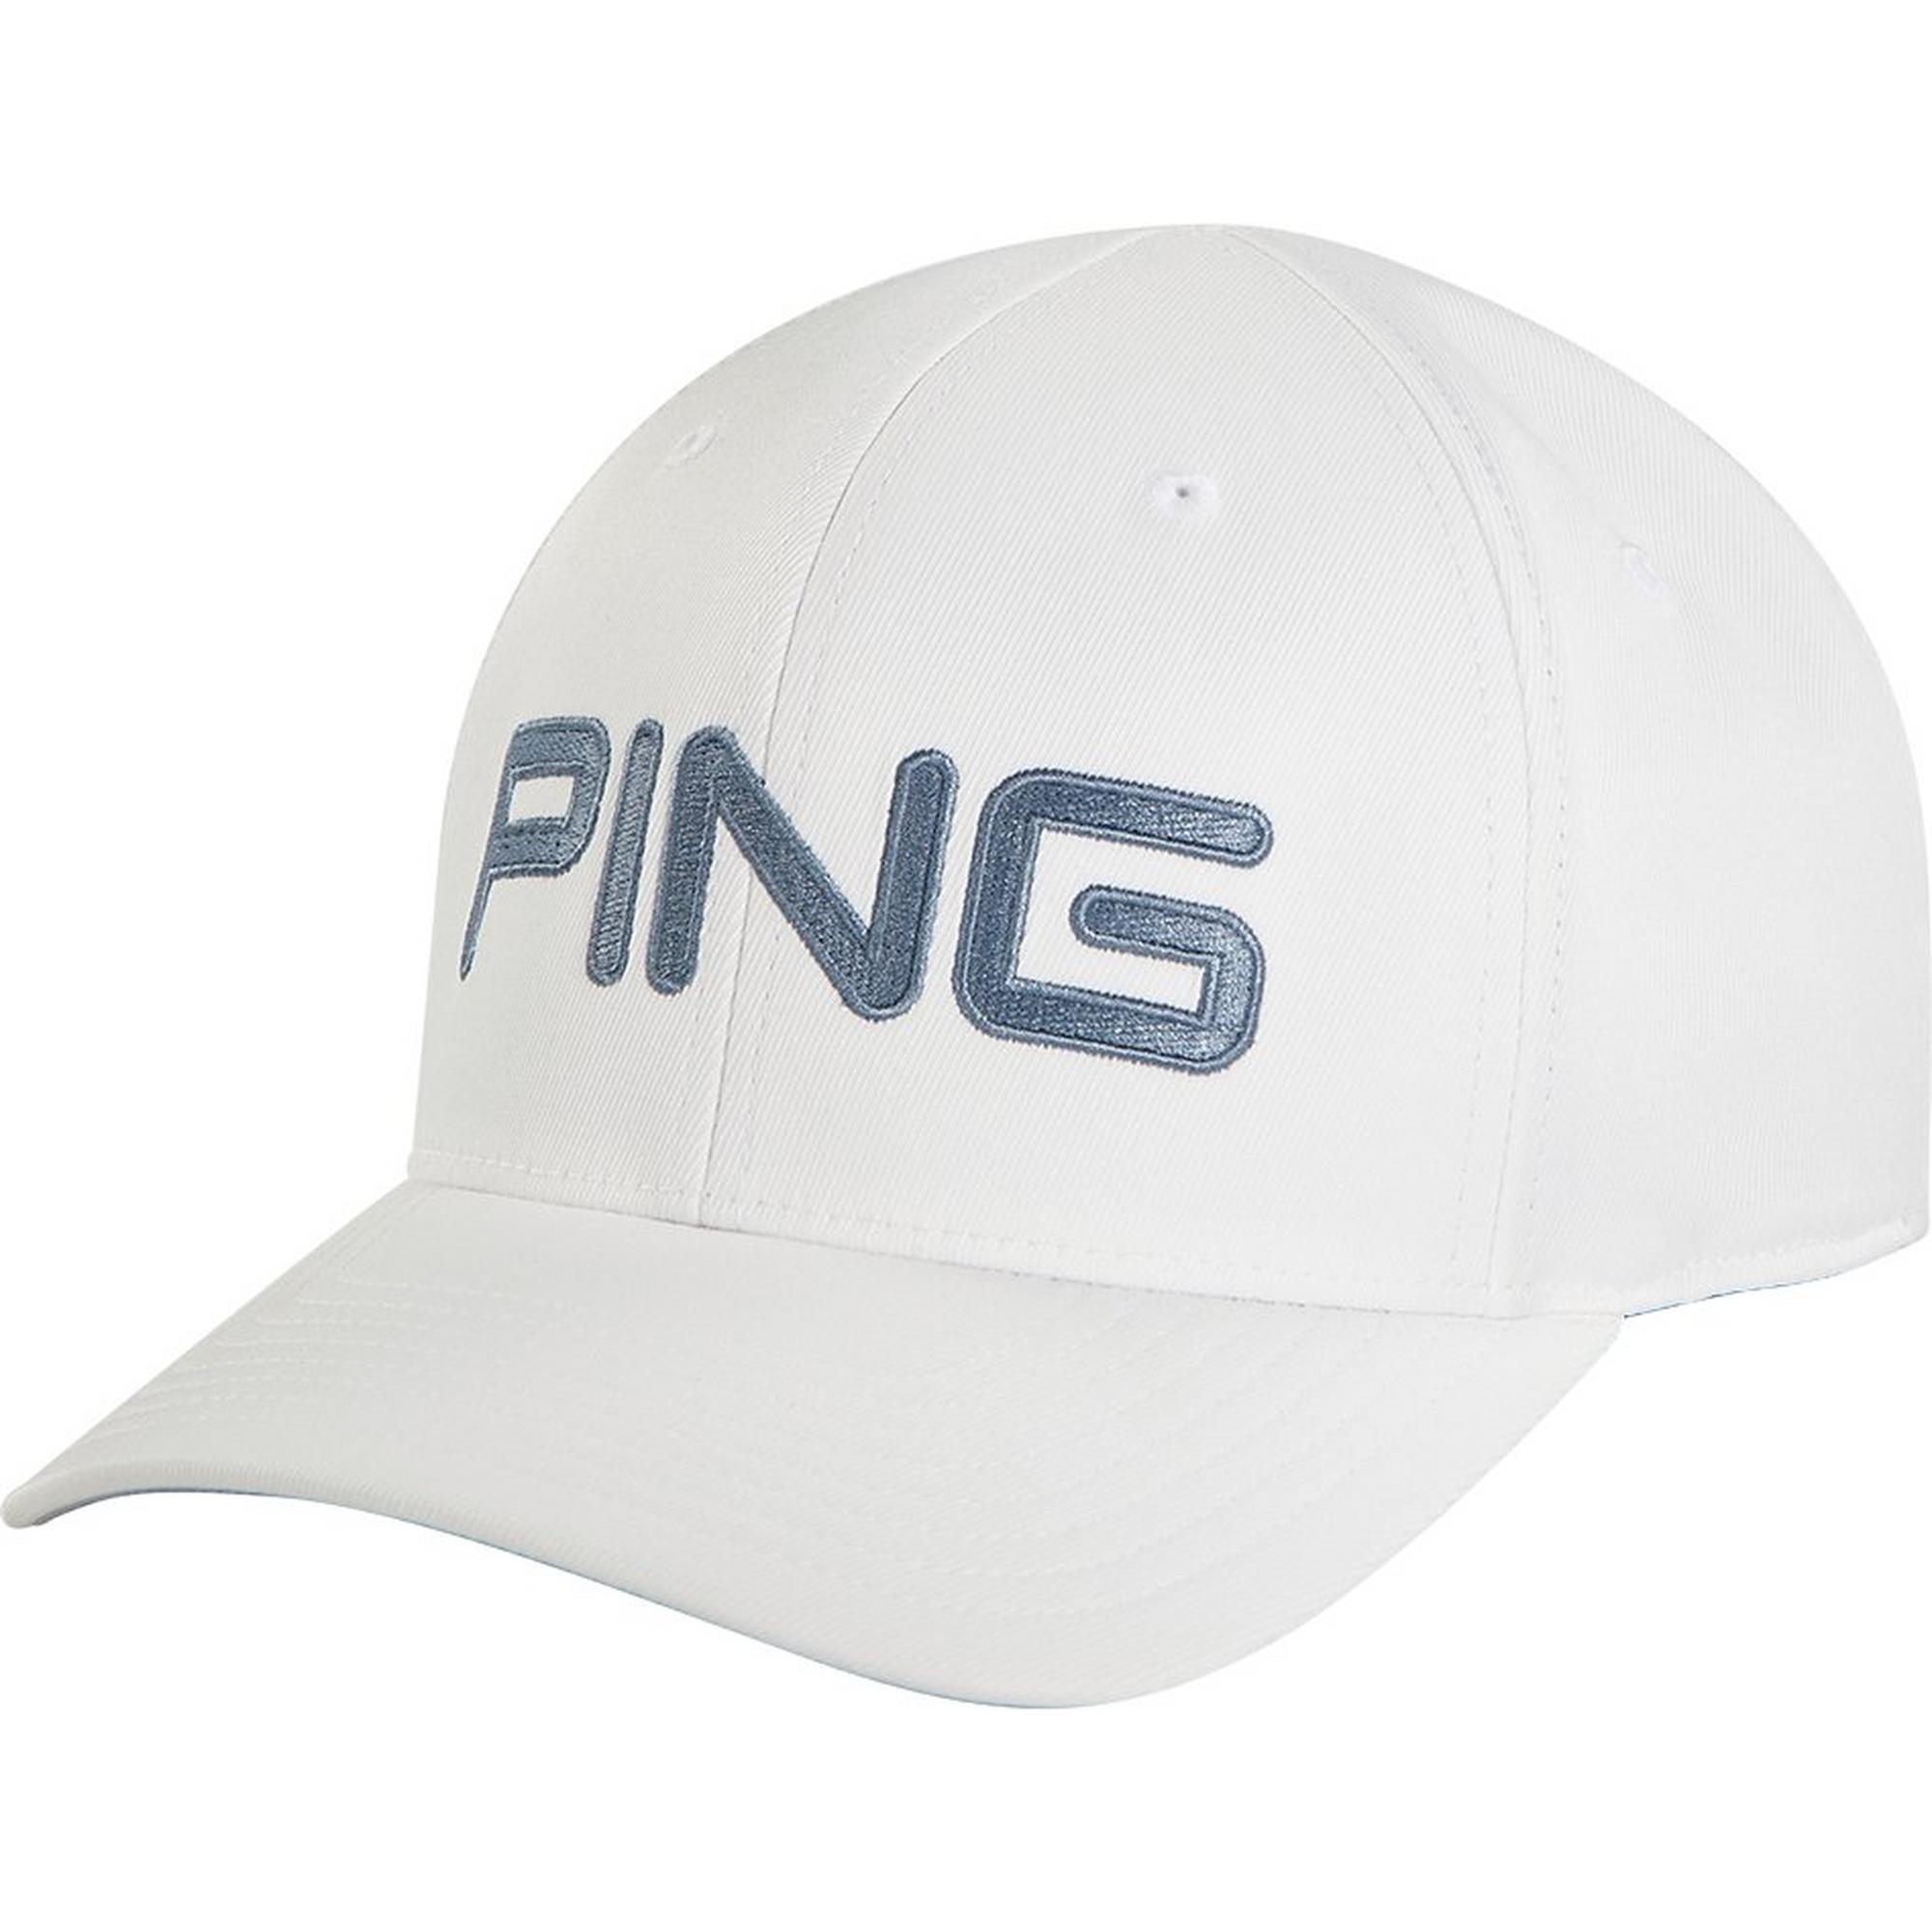 Men's Tour Structured Cap